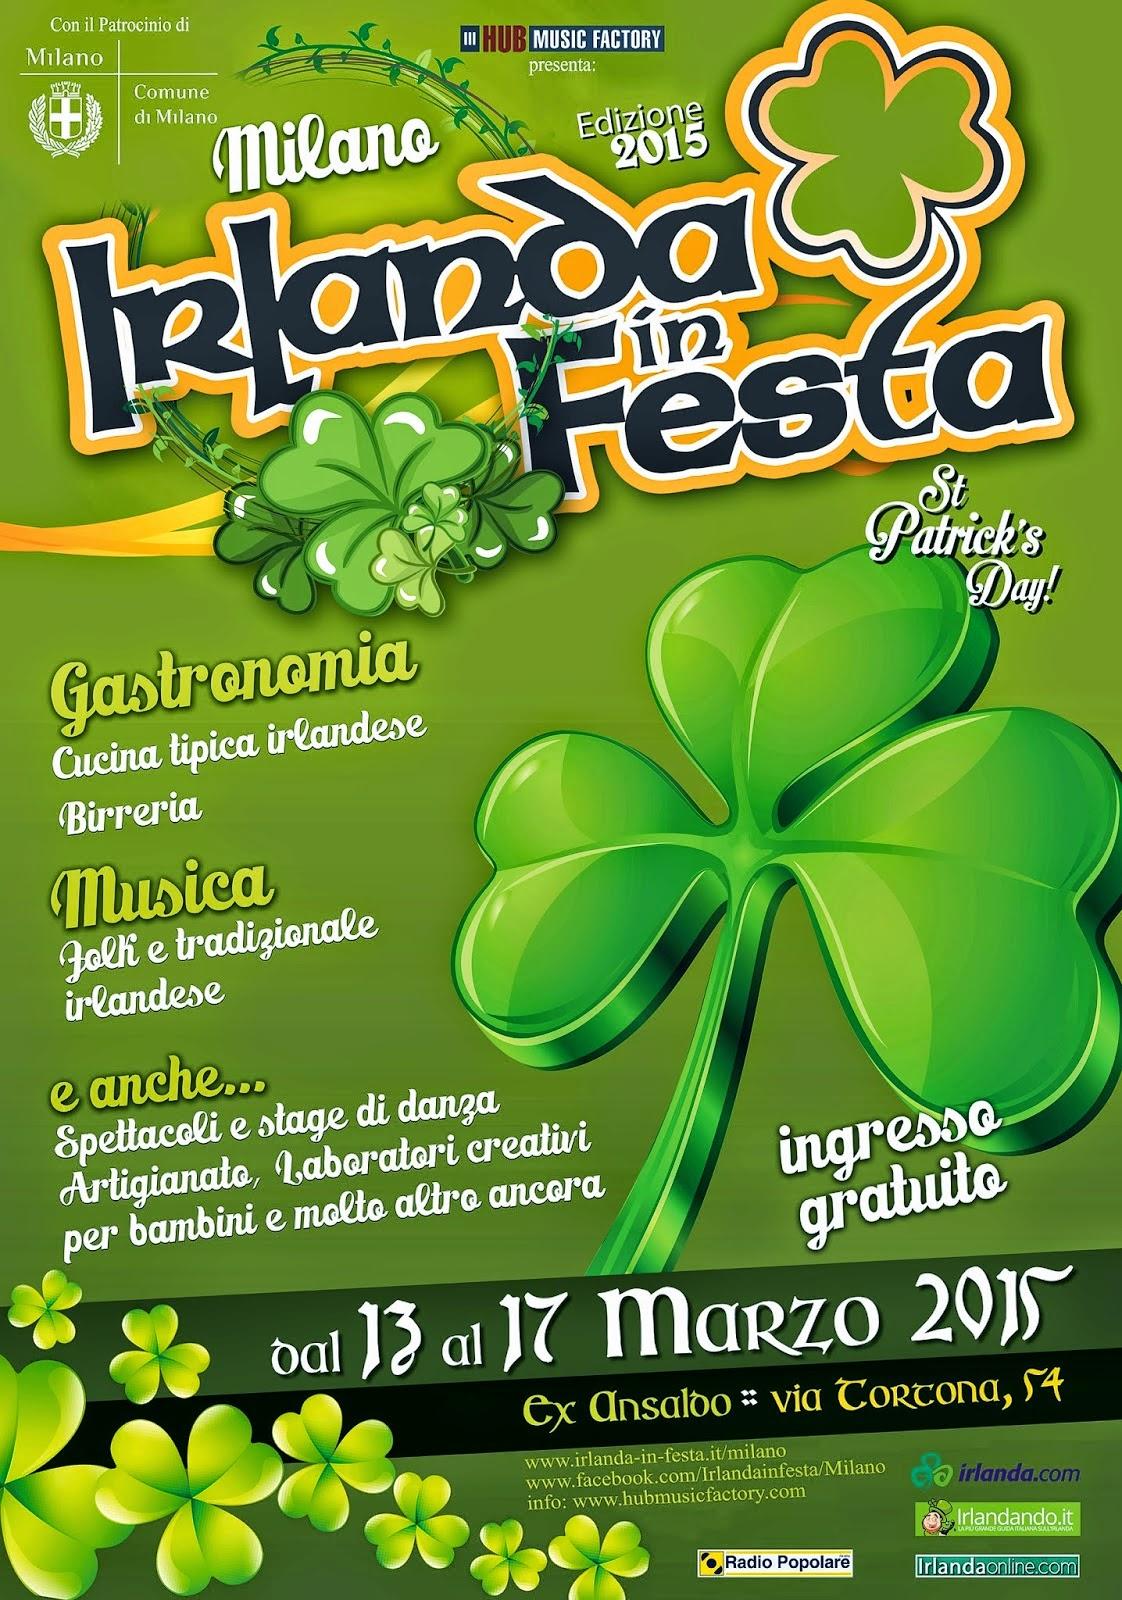 Irlanda in Festa dal 13 al 17 Marzo Milano